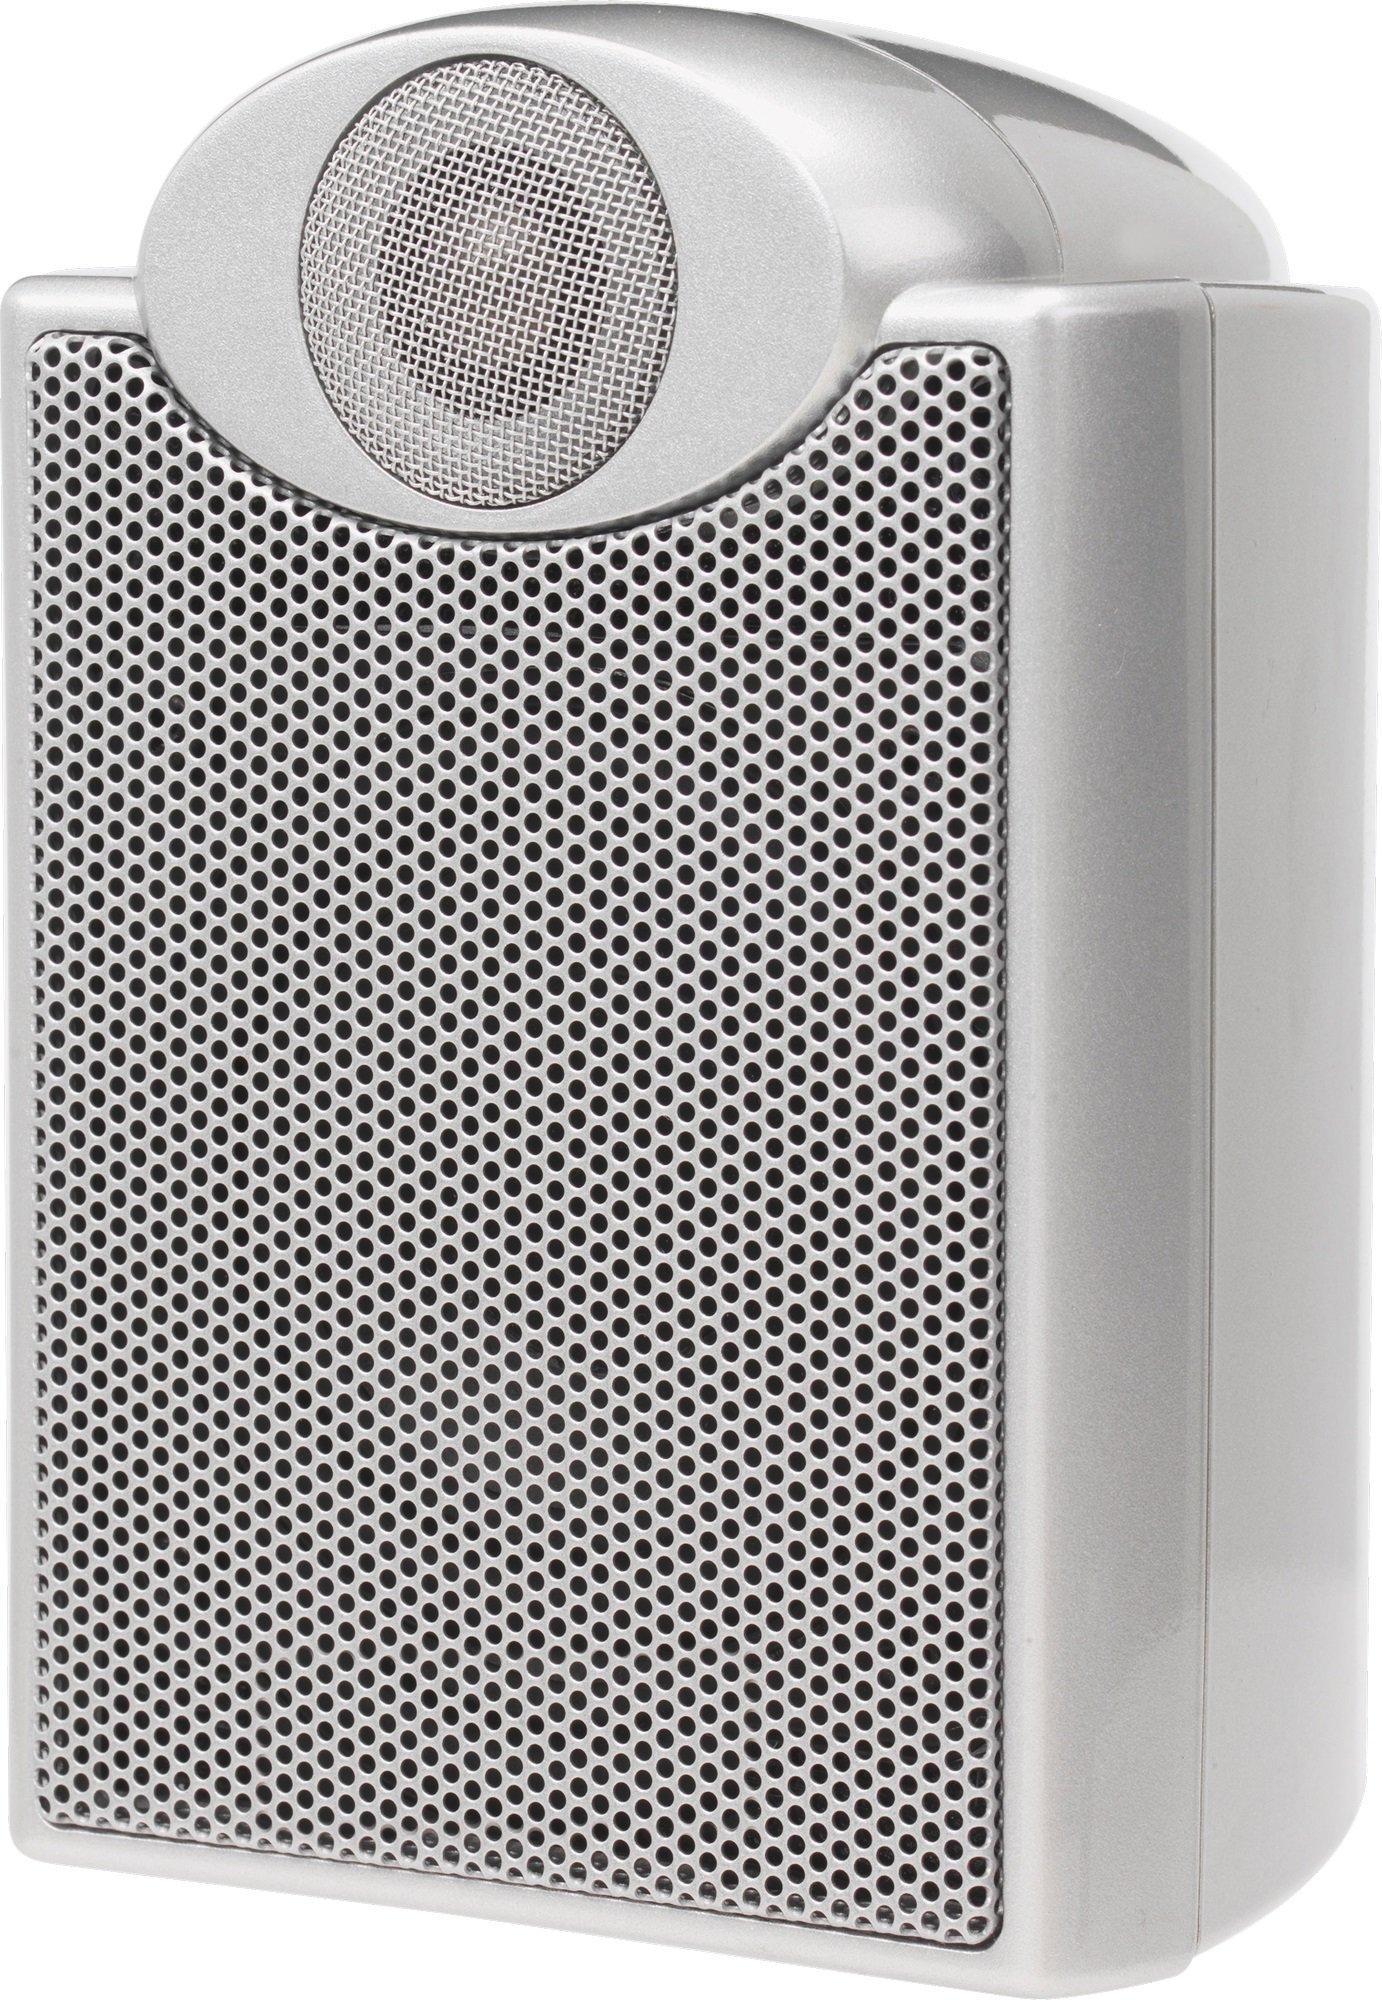 TANNOY L/SPEAKER EFX5.1 2-way SATELLITE PLATINUM Speaker